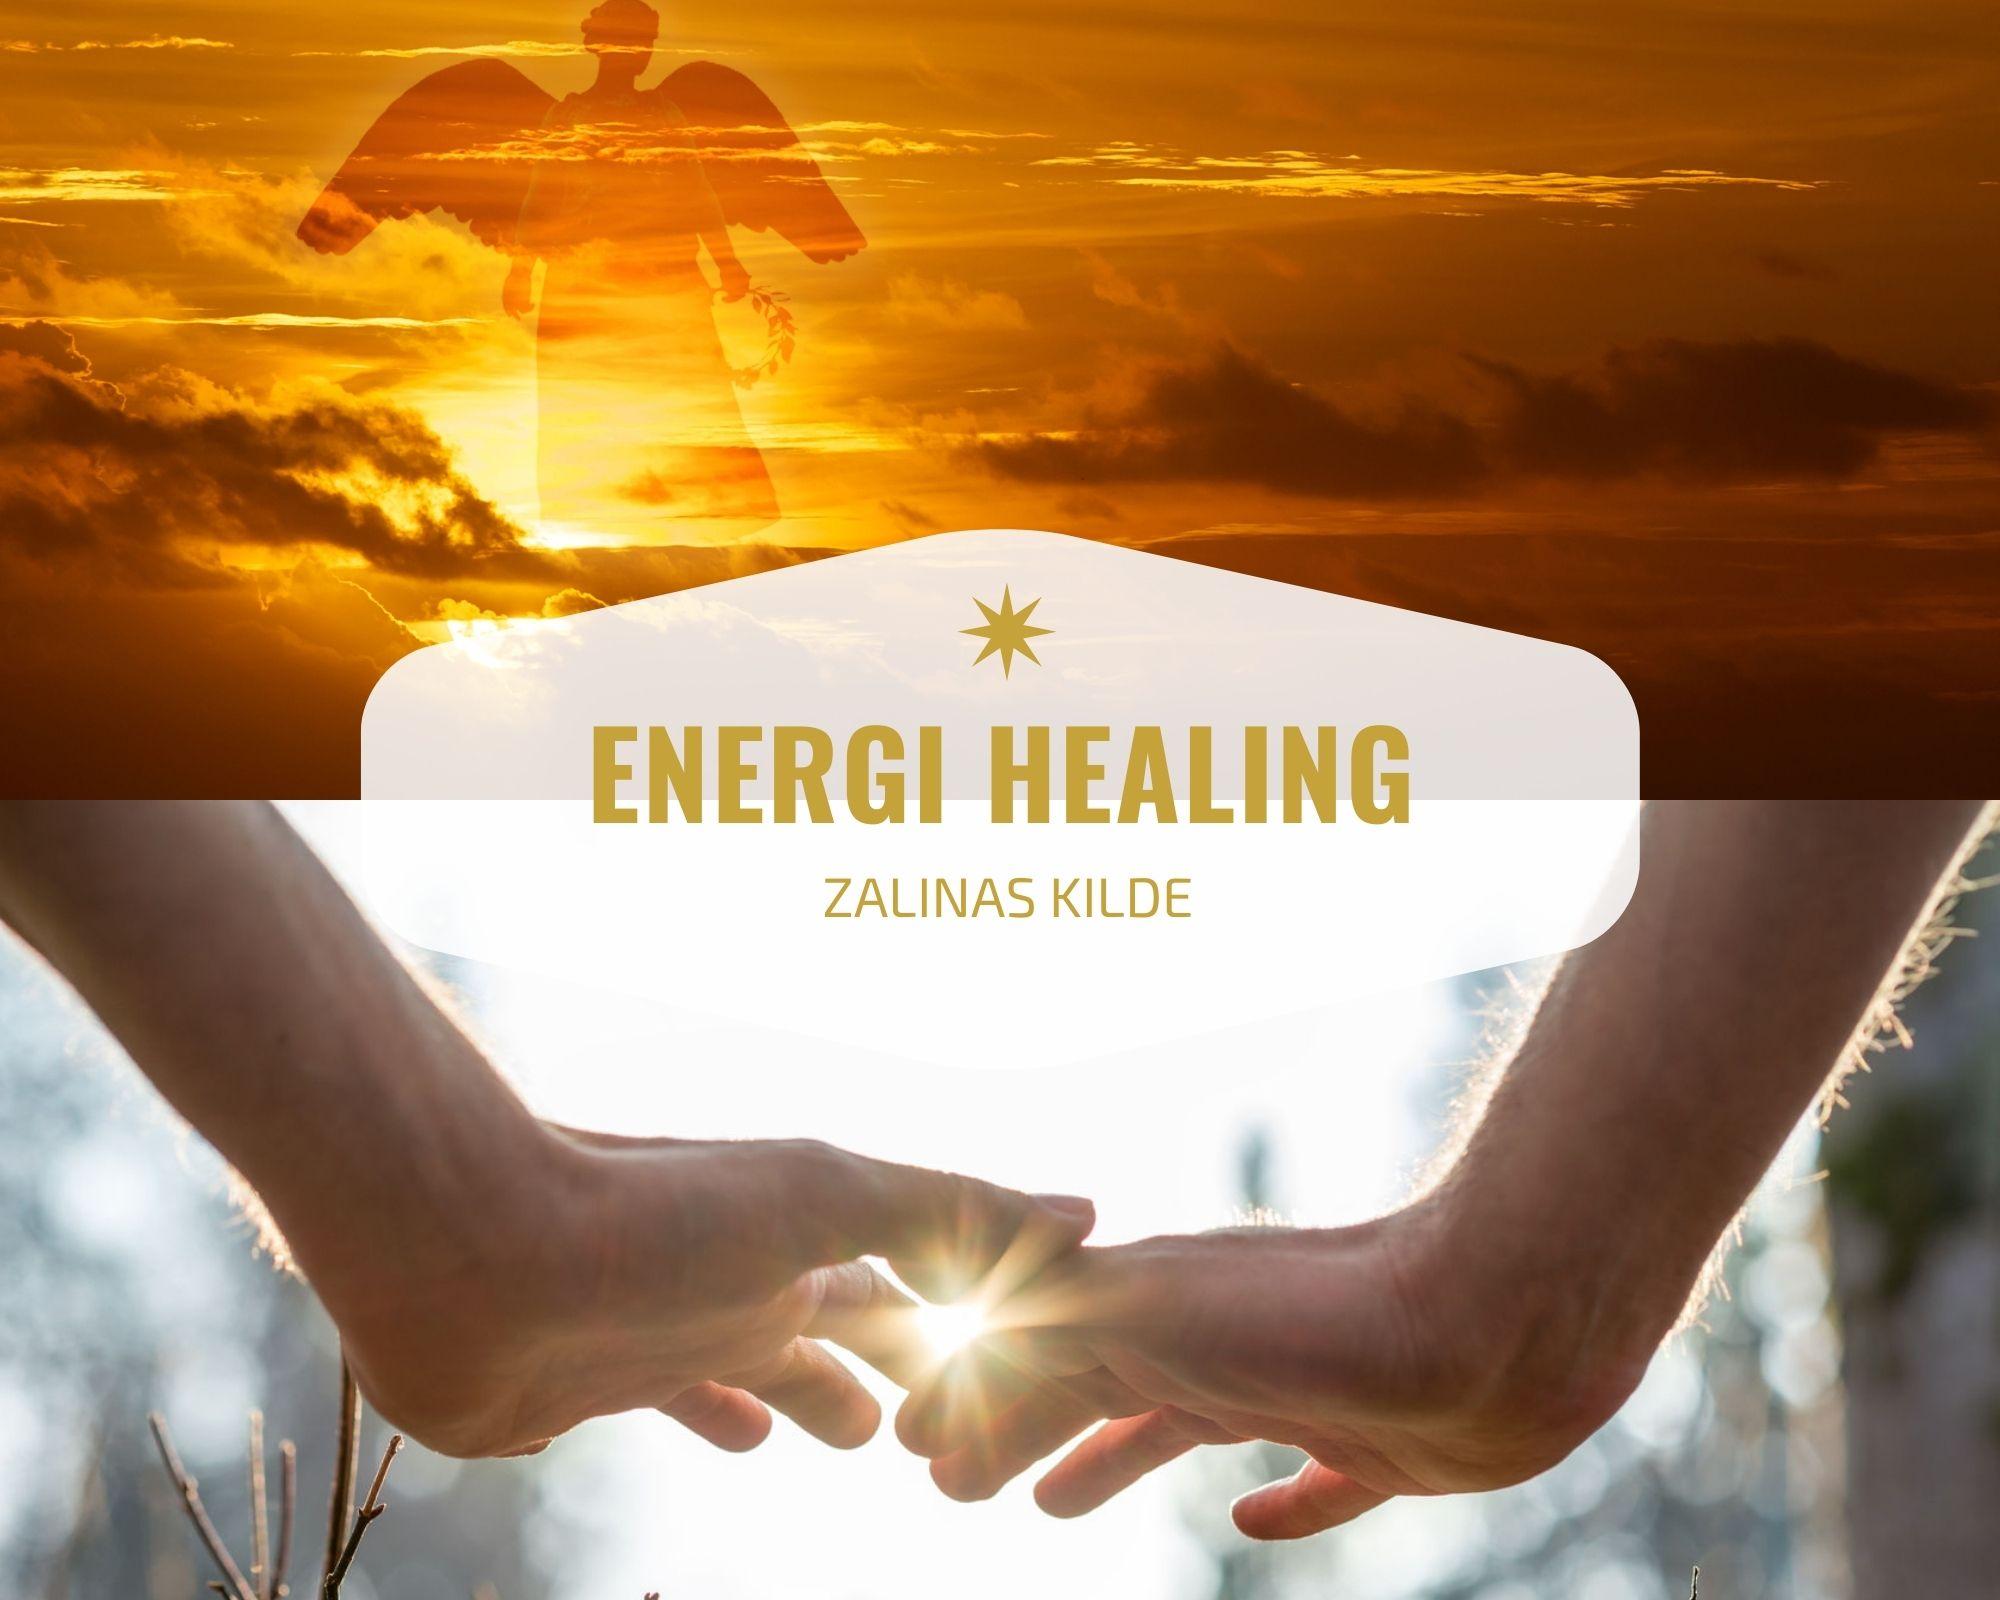 Lige her, kan du læse mere om energi healing >>>